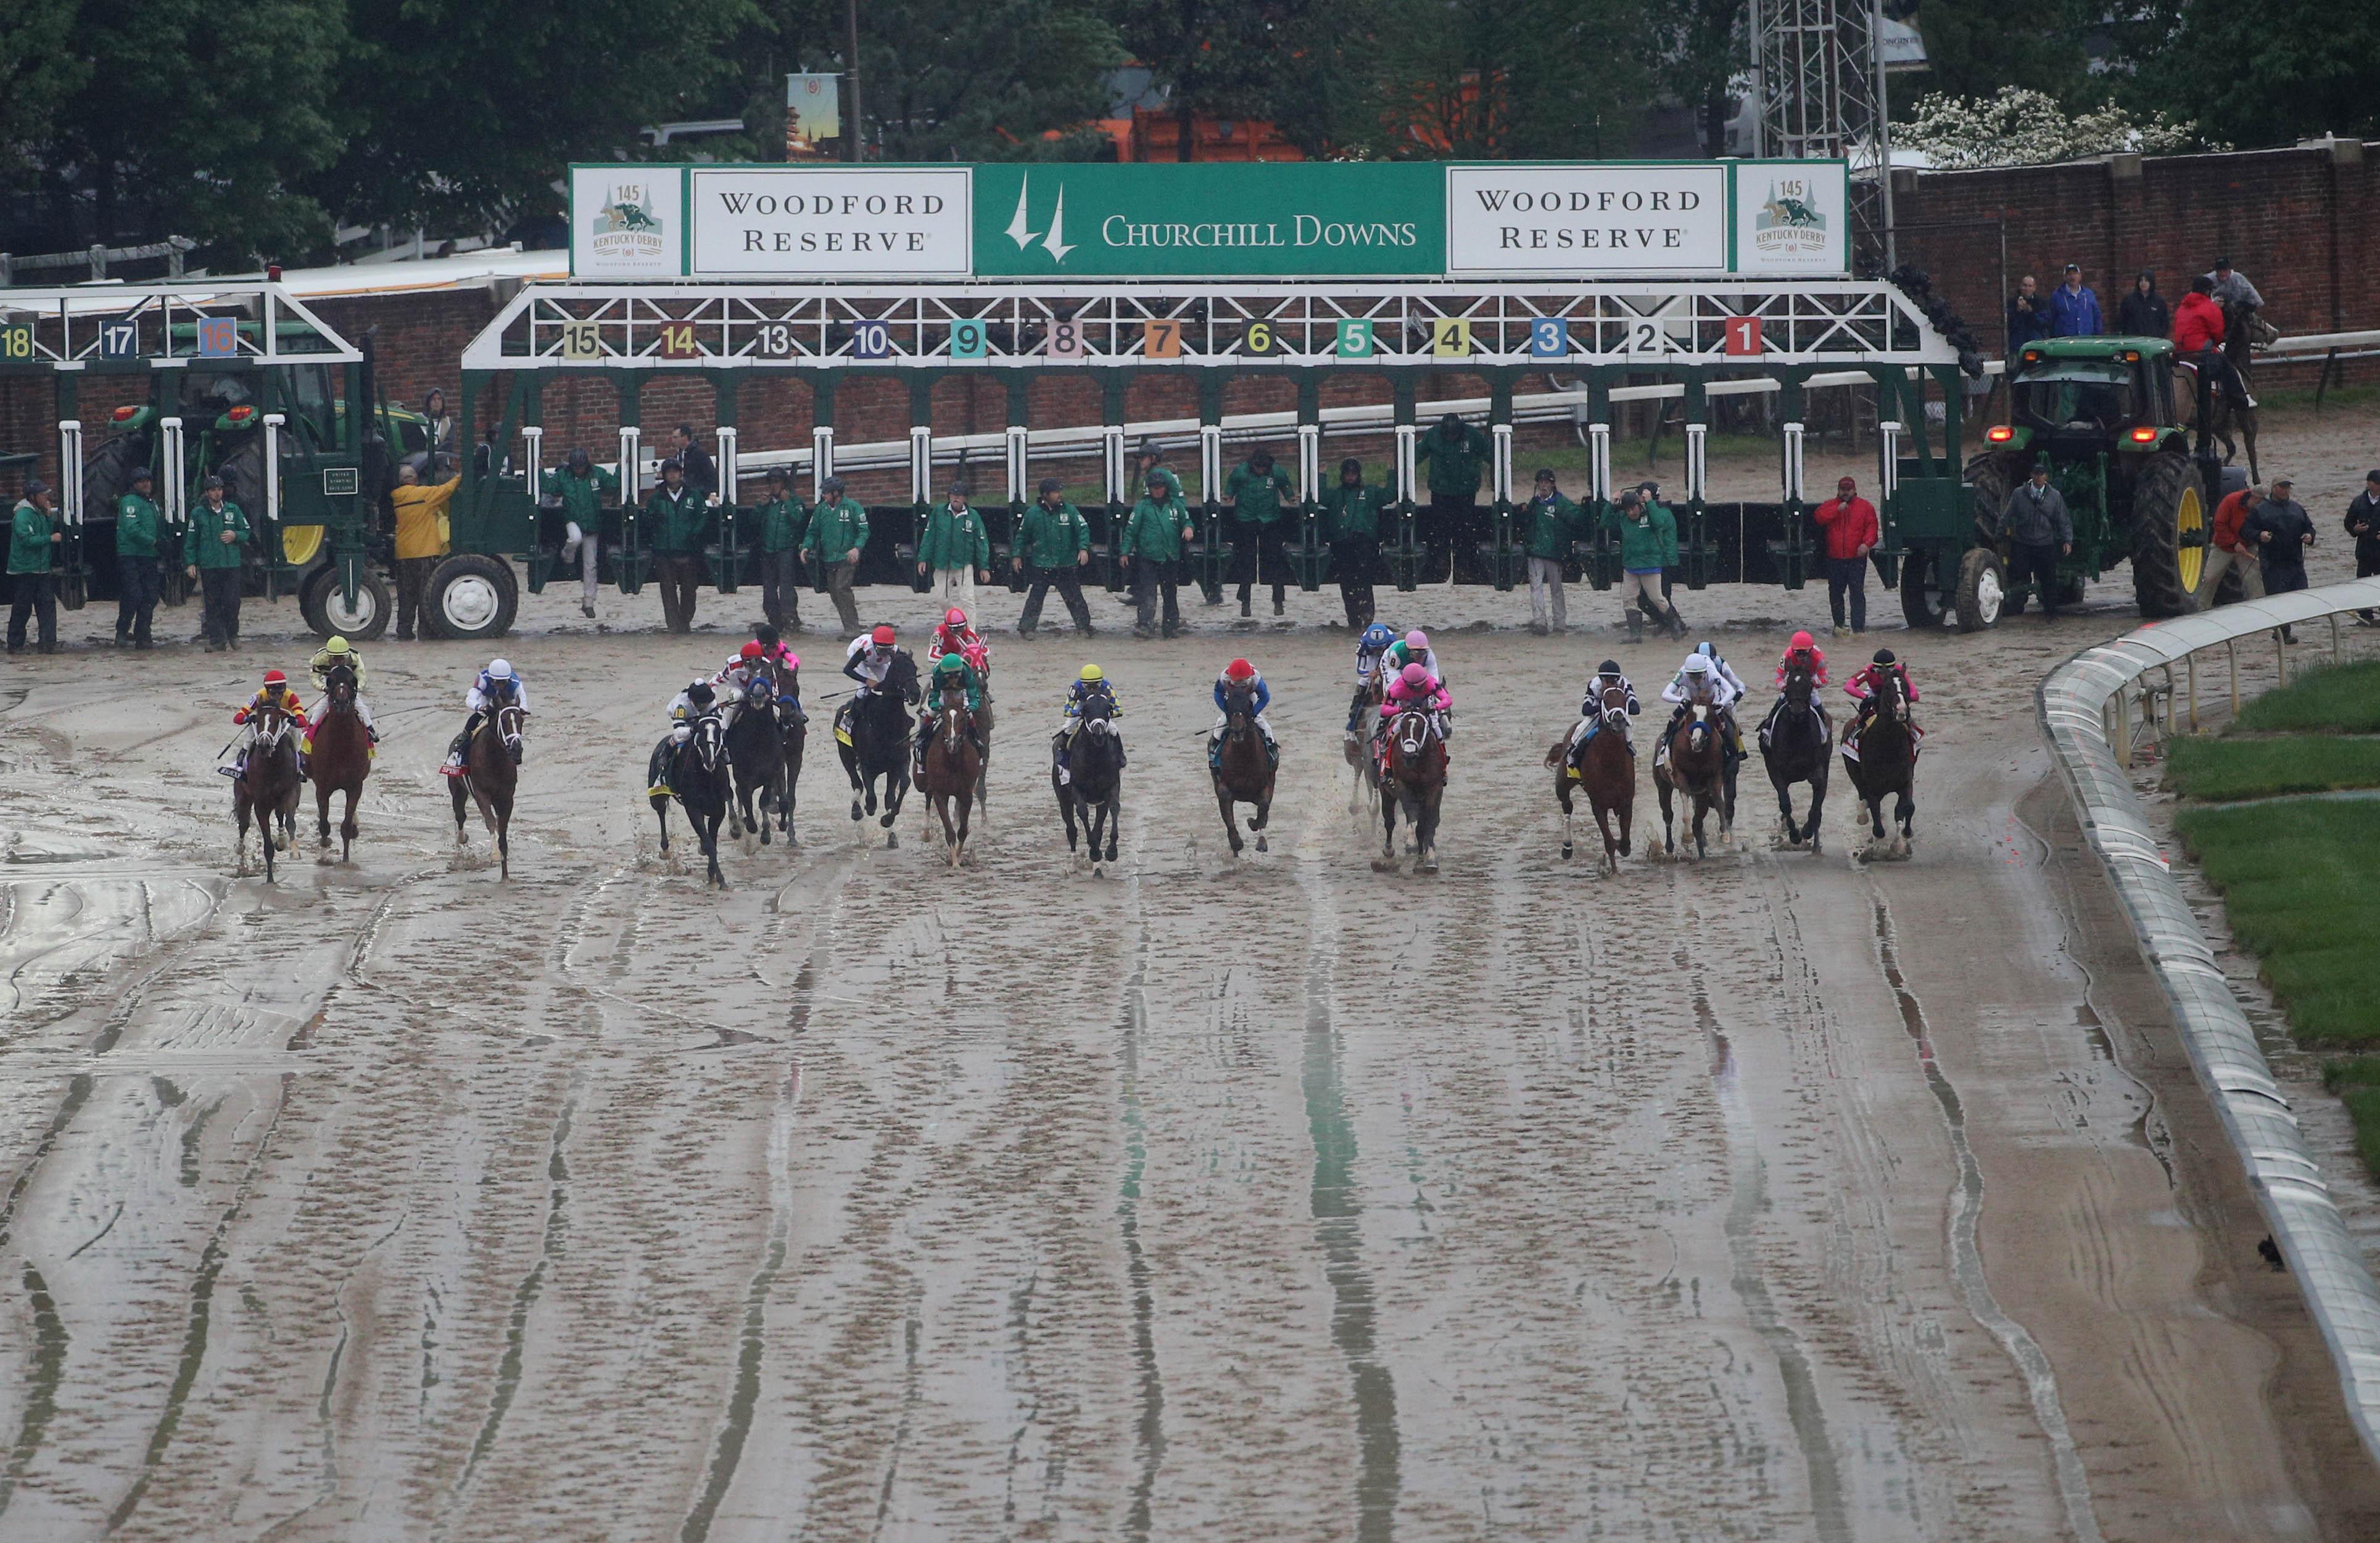 在丘吉尔唐斯举行的第145届肯塔基赛马开赛期间的全貌。